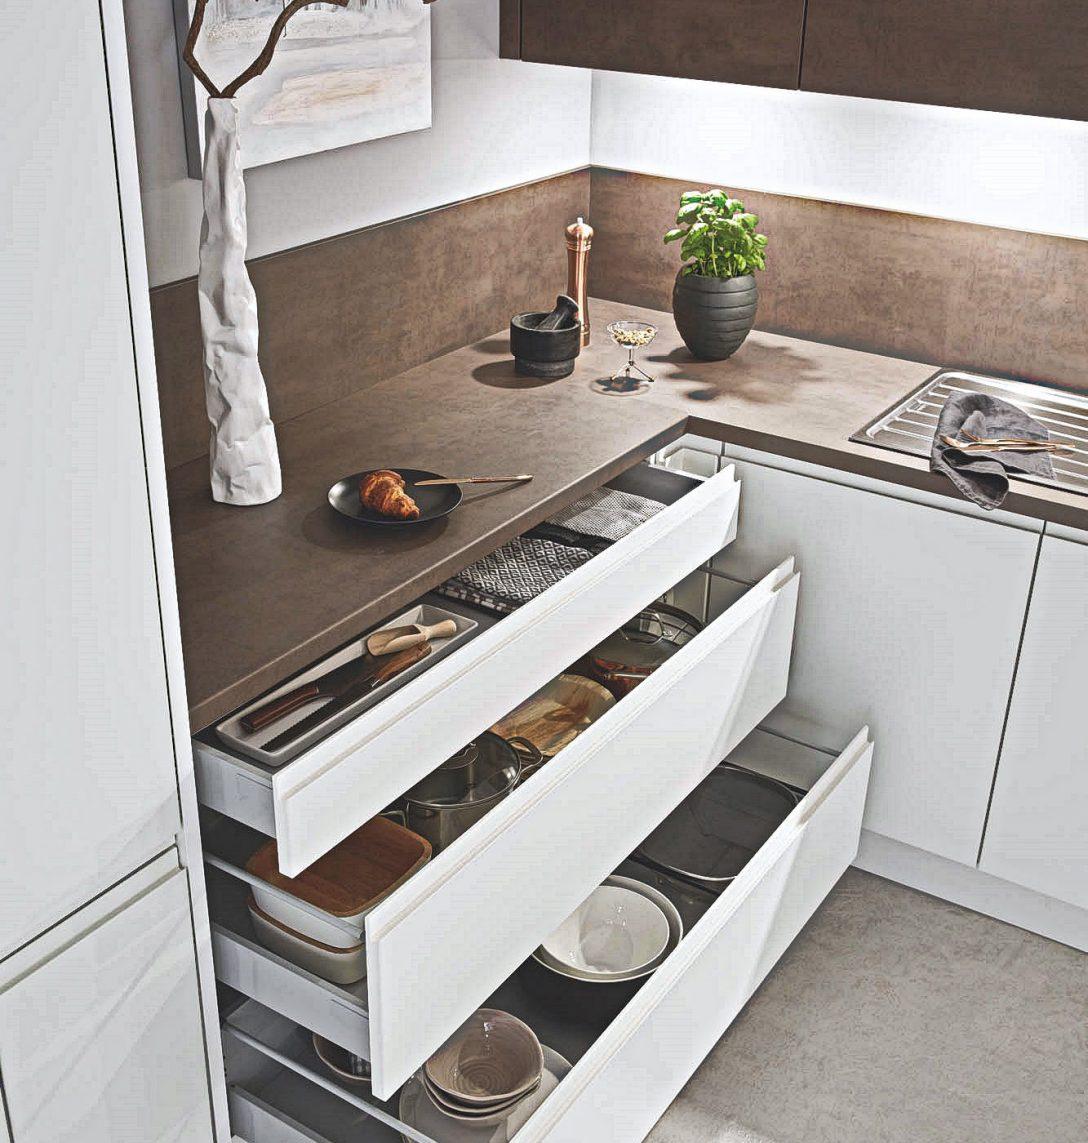 Large Size of Küche Nischenrückwand Wie Hoch Rückwand Küche Plexiglas Rückwand Küche Einbauen Rückwand Küche Milchglas Küche Nischenrückwand Küche